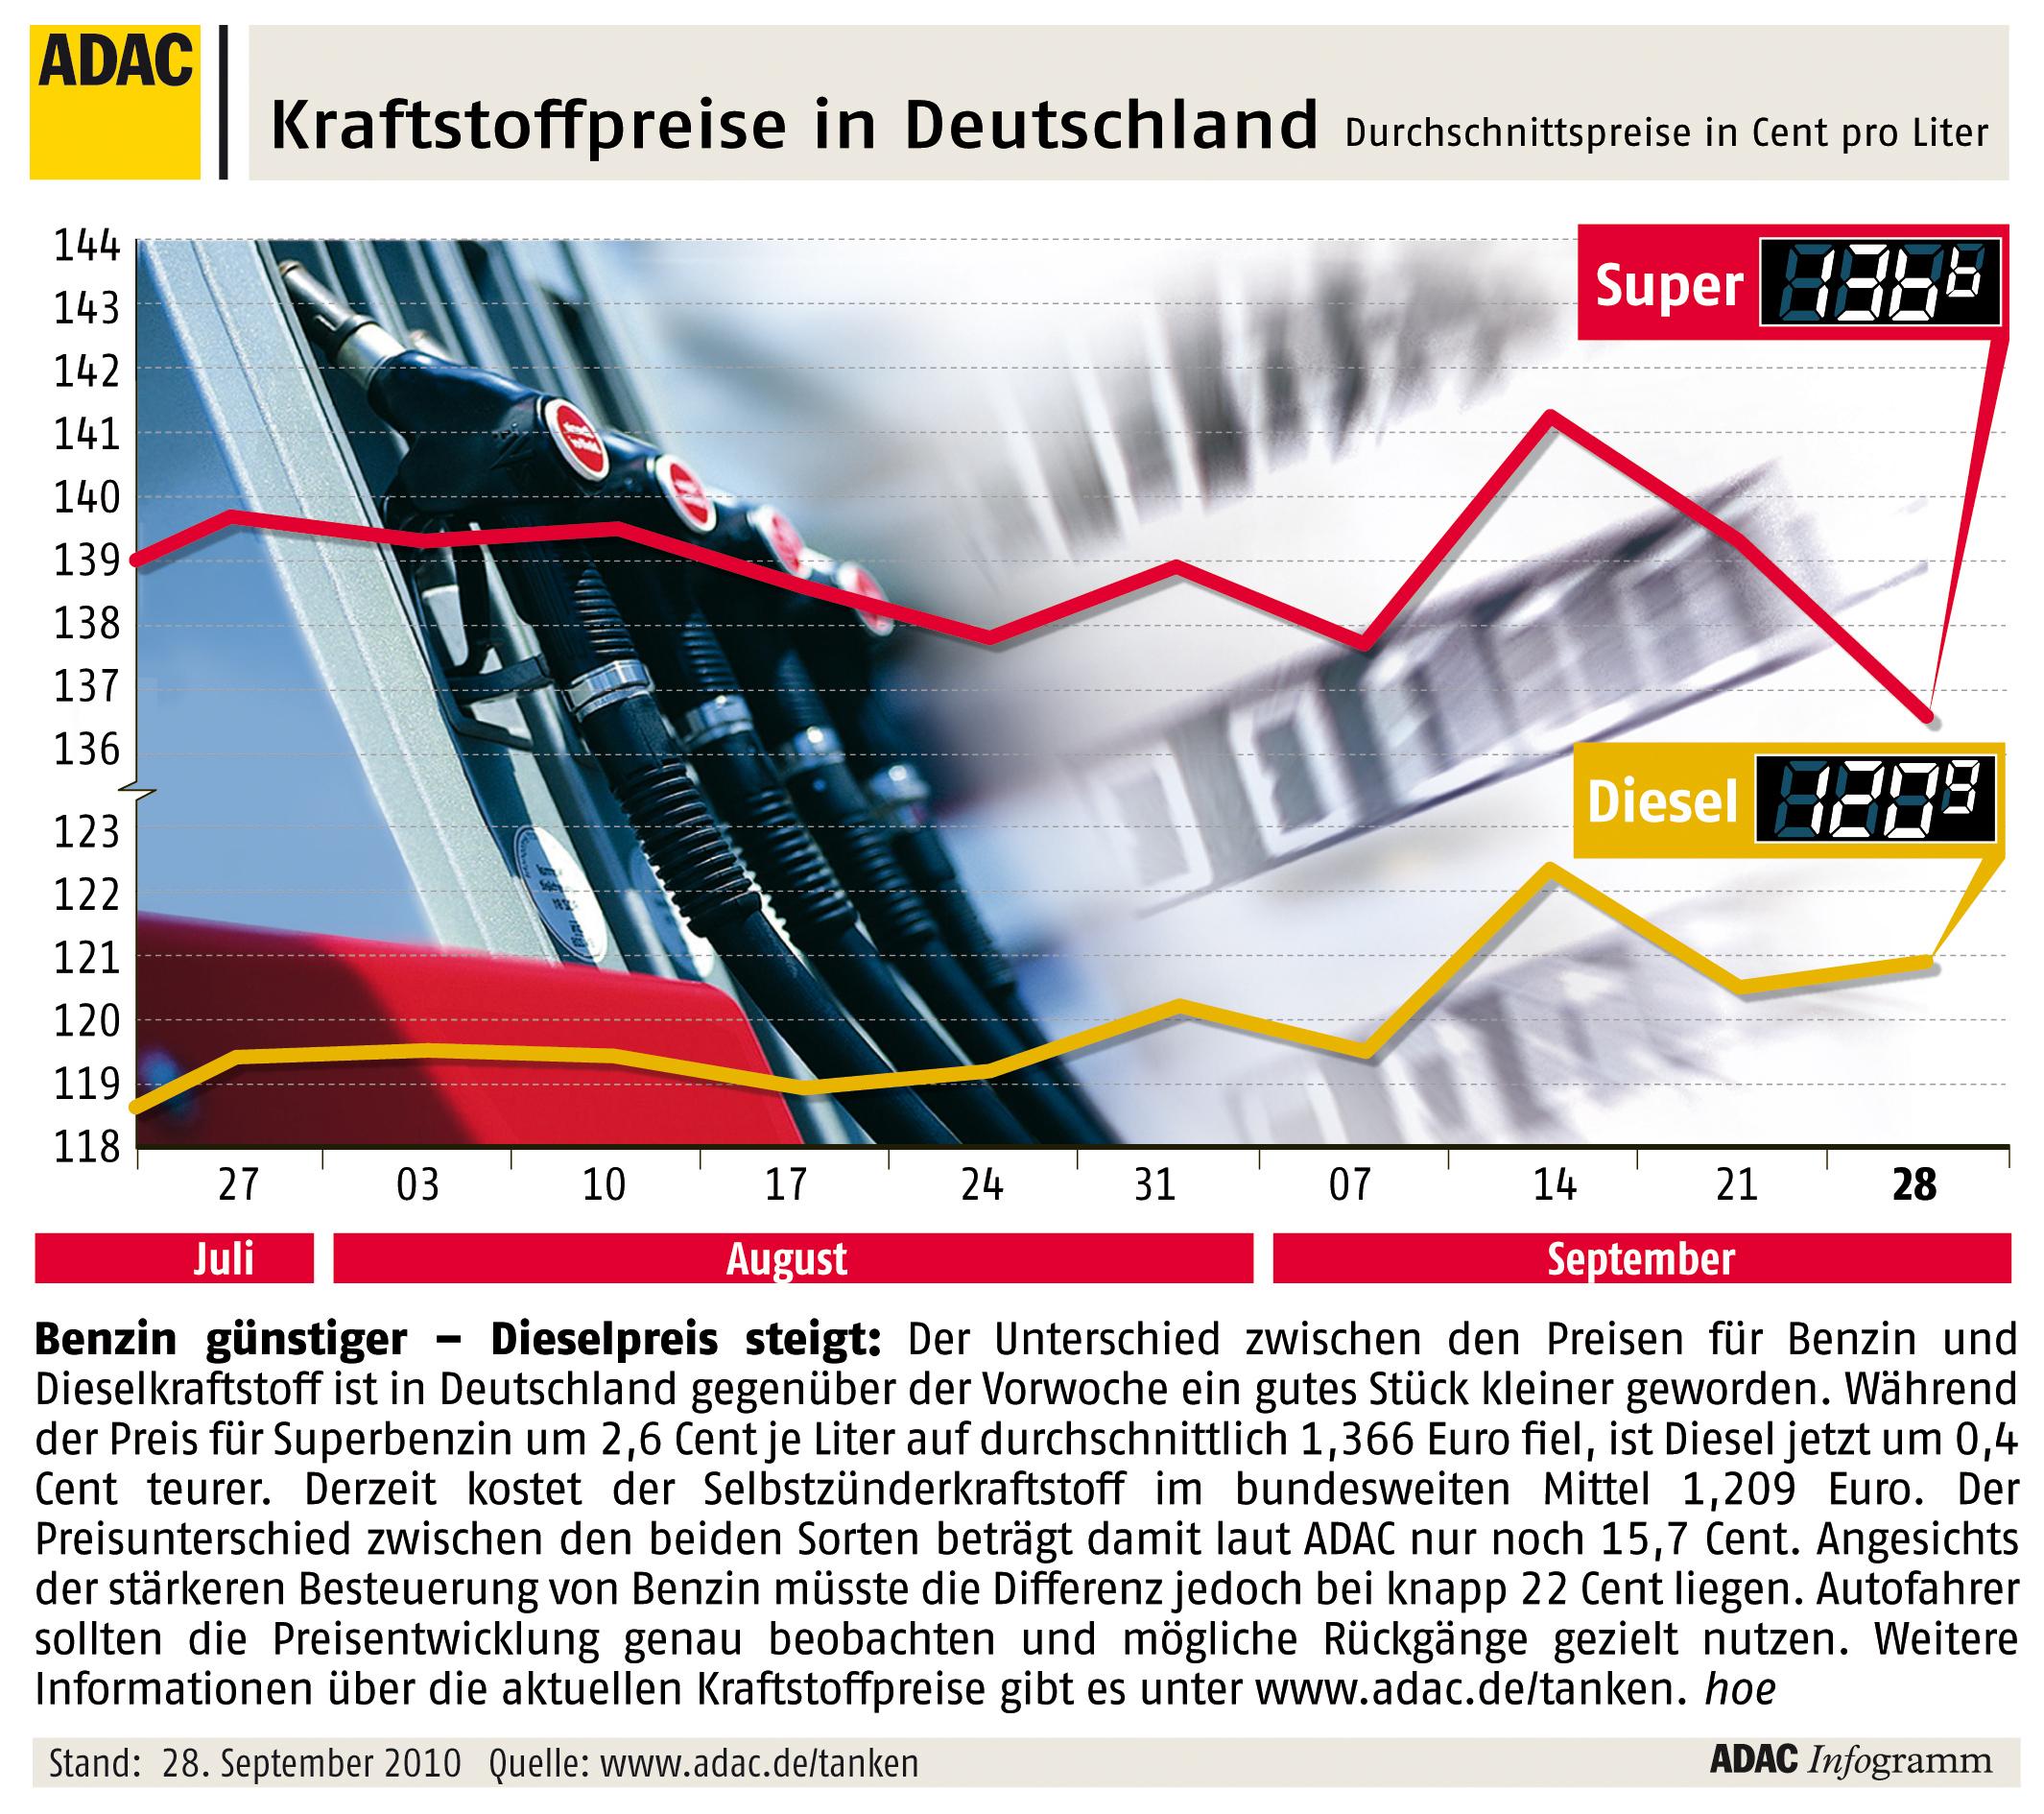 adac grafik aktuelle kraftstoffpreise in deutschland mit. Black Bedroom Furniture Sets. Home Design Ideas